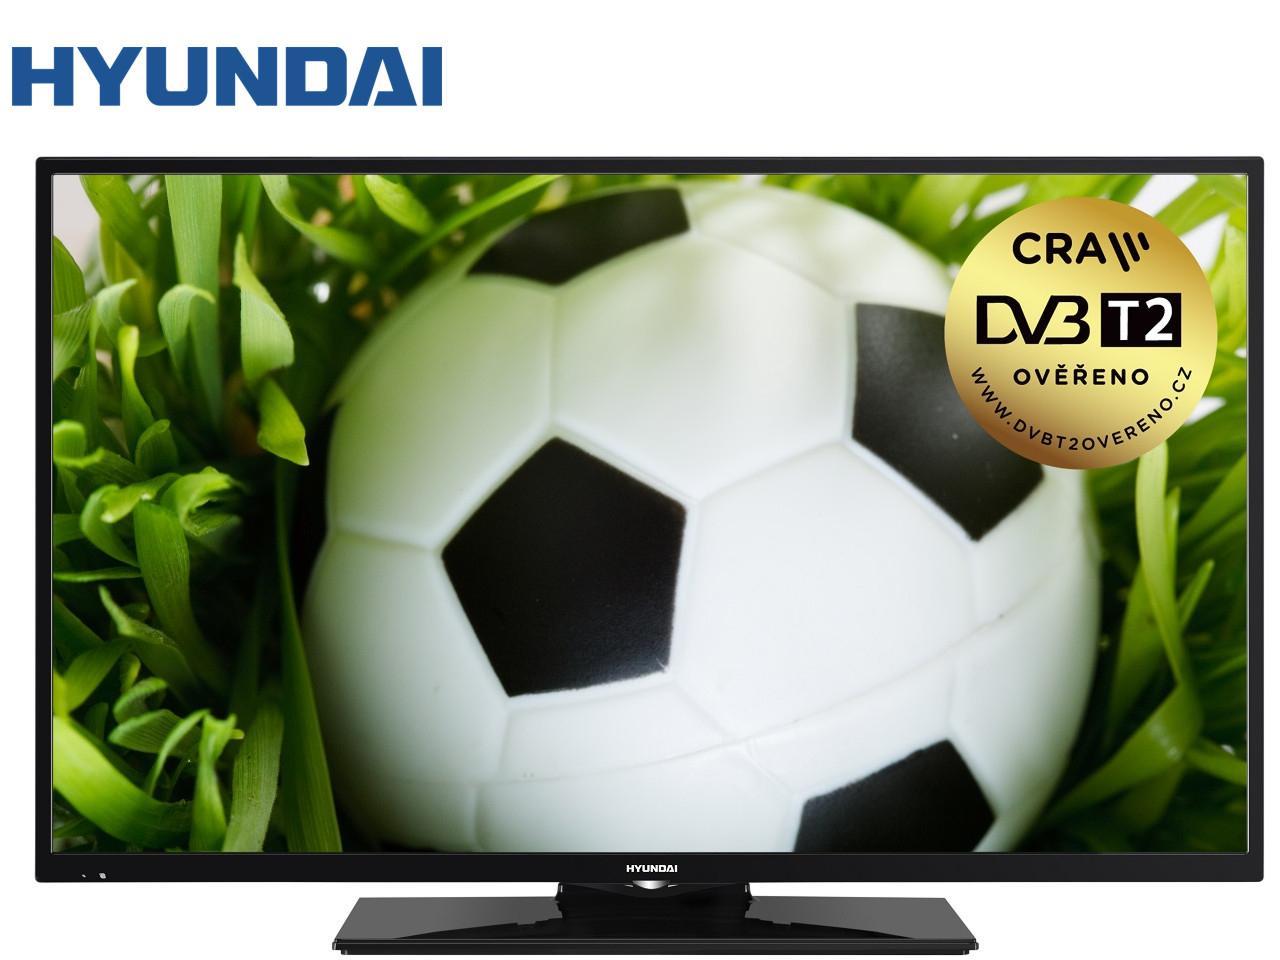 HYUNDAI FLP 32T339 + 200 Kč na dárky nebo další nákup | CHAT on-line podpora PO-PÁ 8-22.00!!